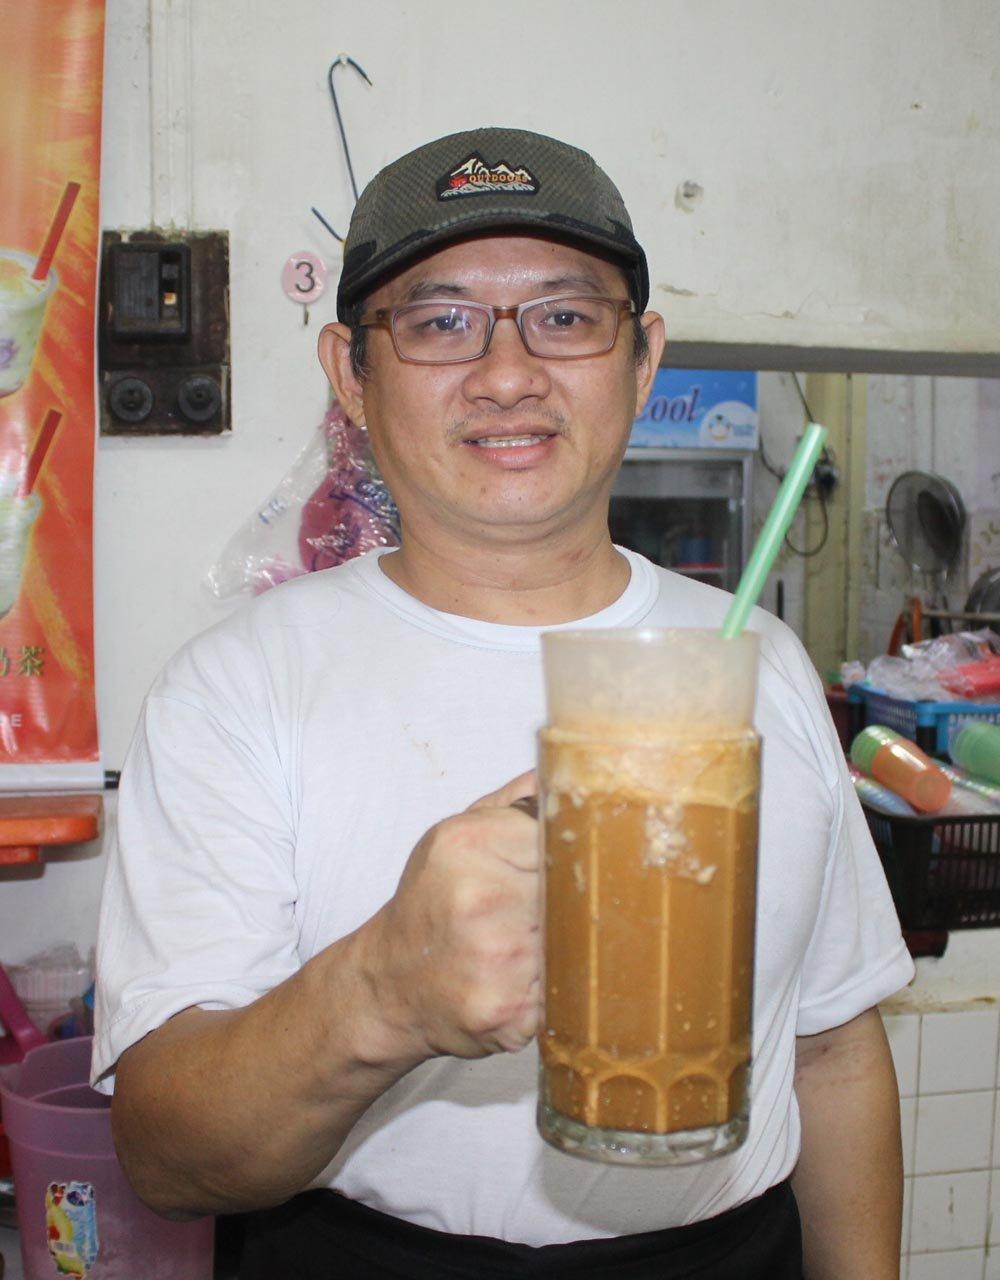 """黄健和展示""""雷满满咖啡"""",指这款咖啡寓意""""Duit满满""""的咖啡,带有好意头。"""